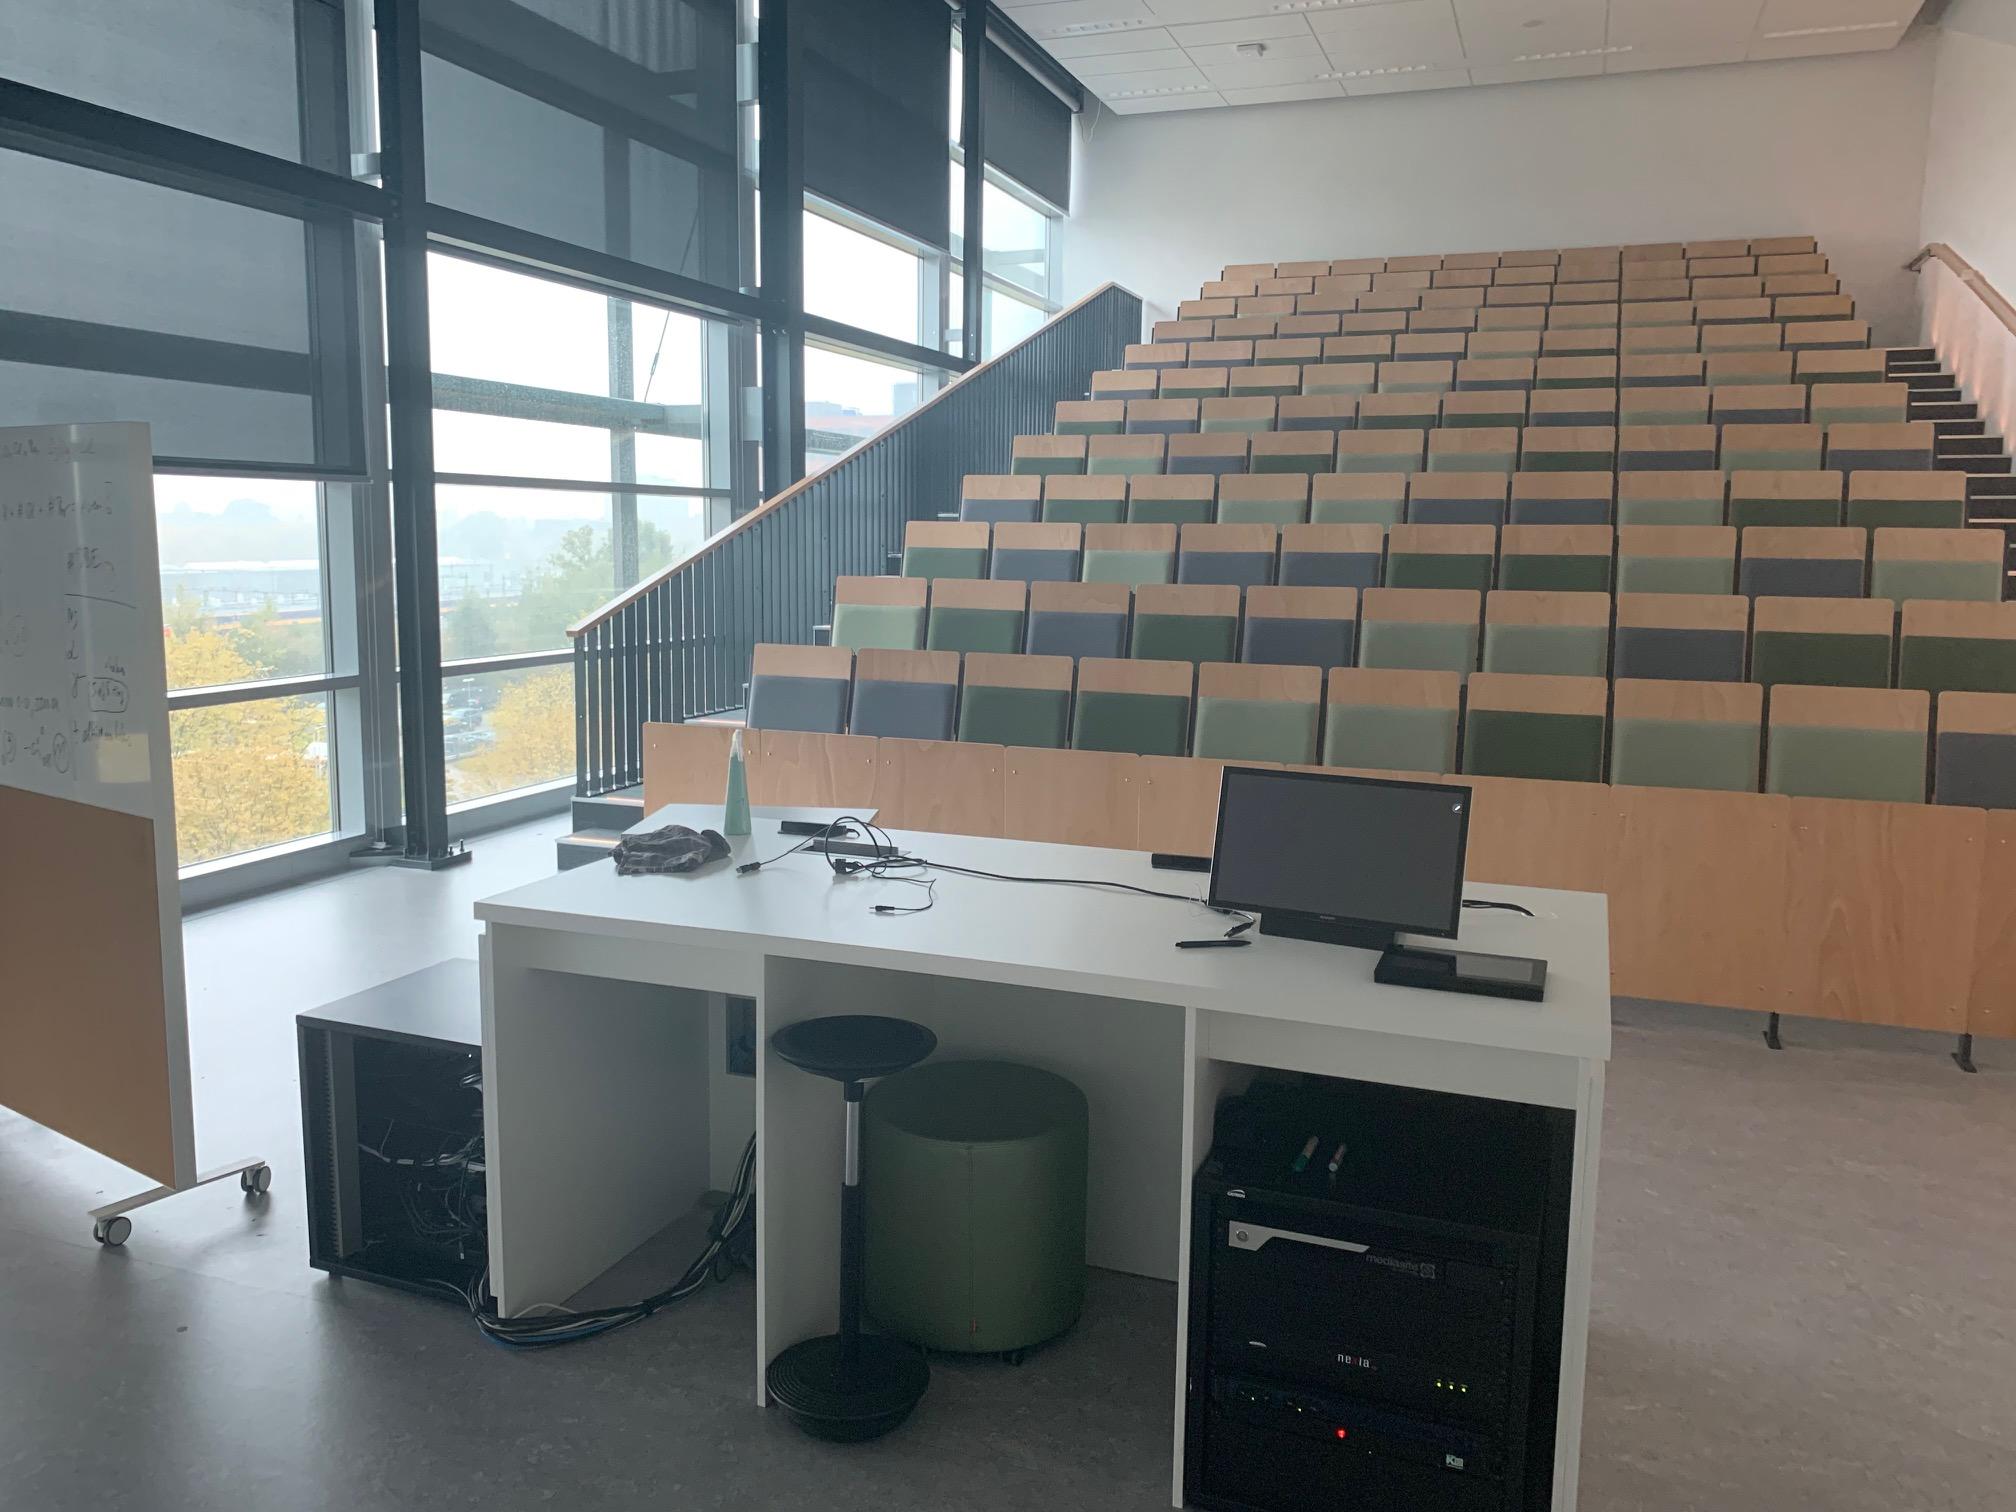 Op 16 december ging Fontys door de lockdown weer over op online onderwijs.